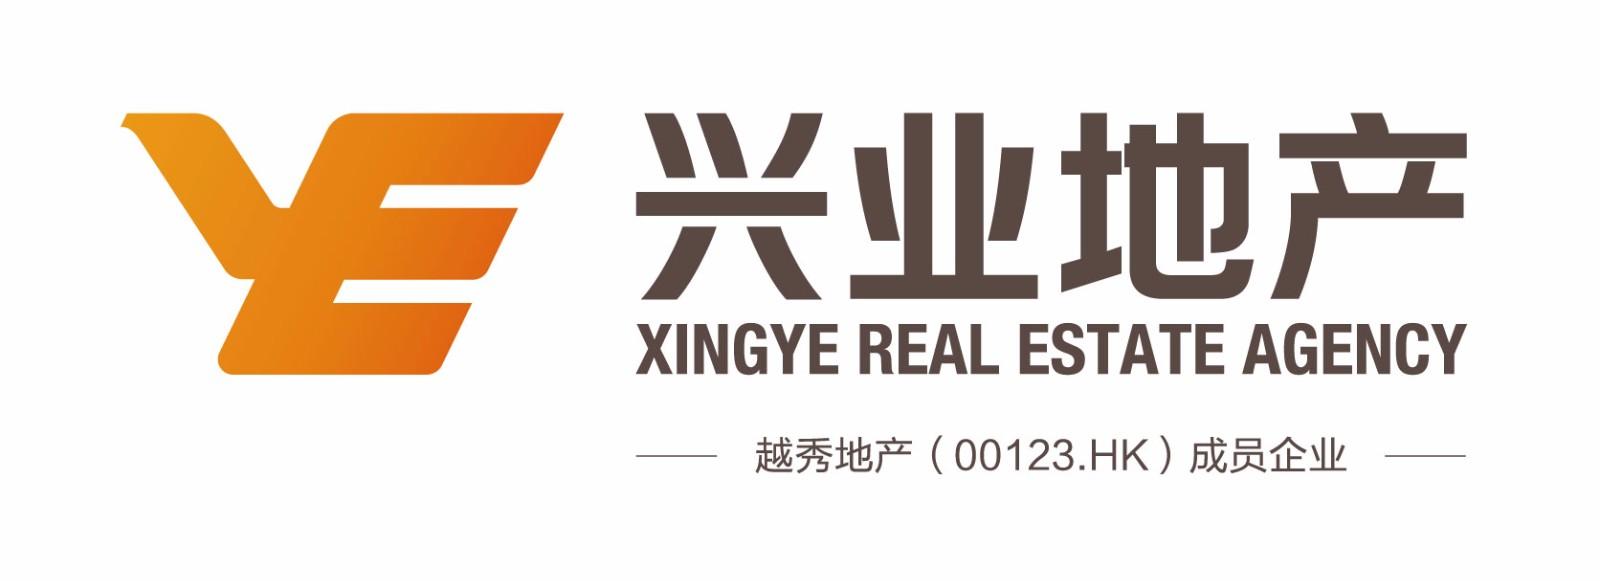 广州城建开发兴业房地产中介有限公司